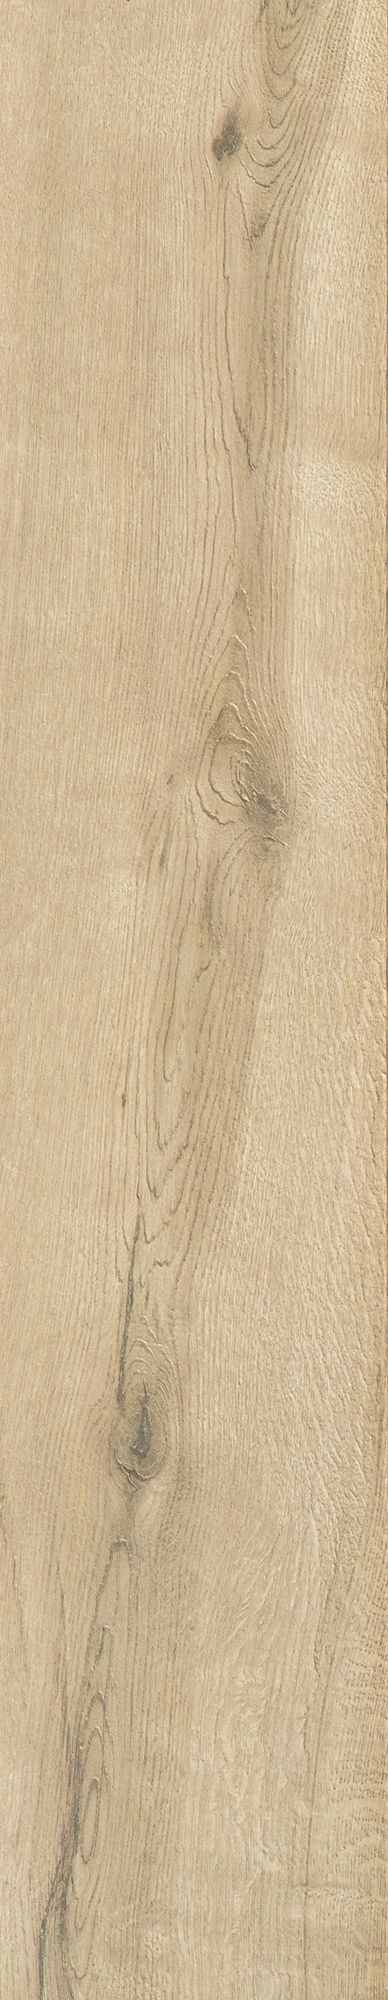 Sand Pearl Oak